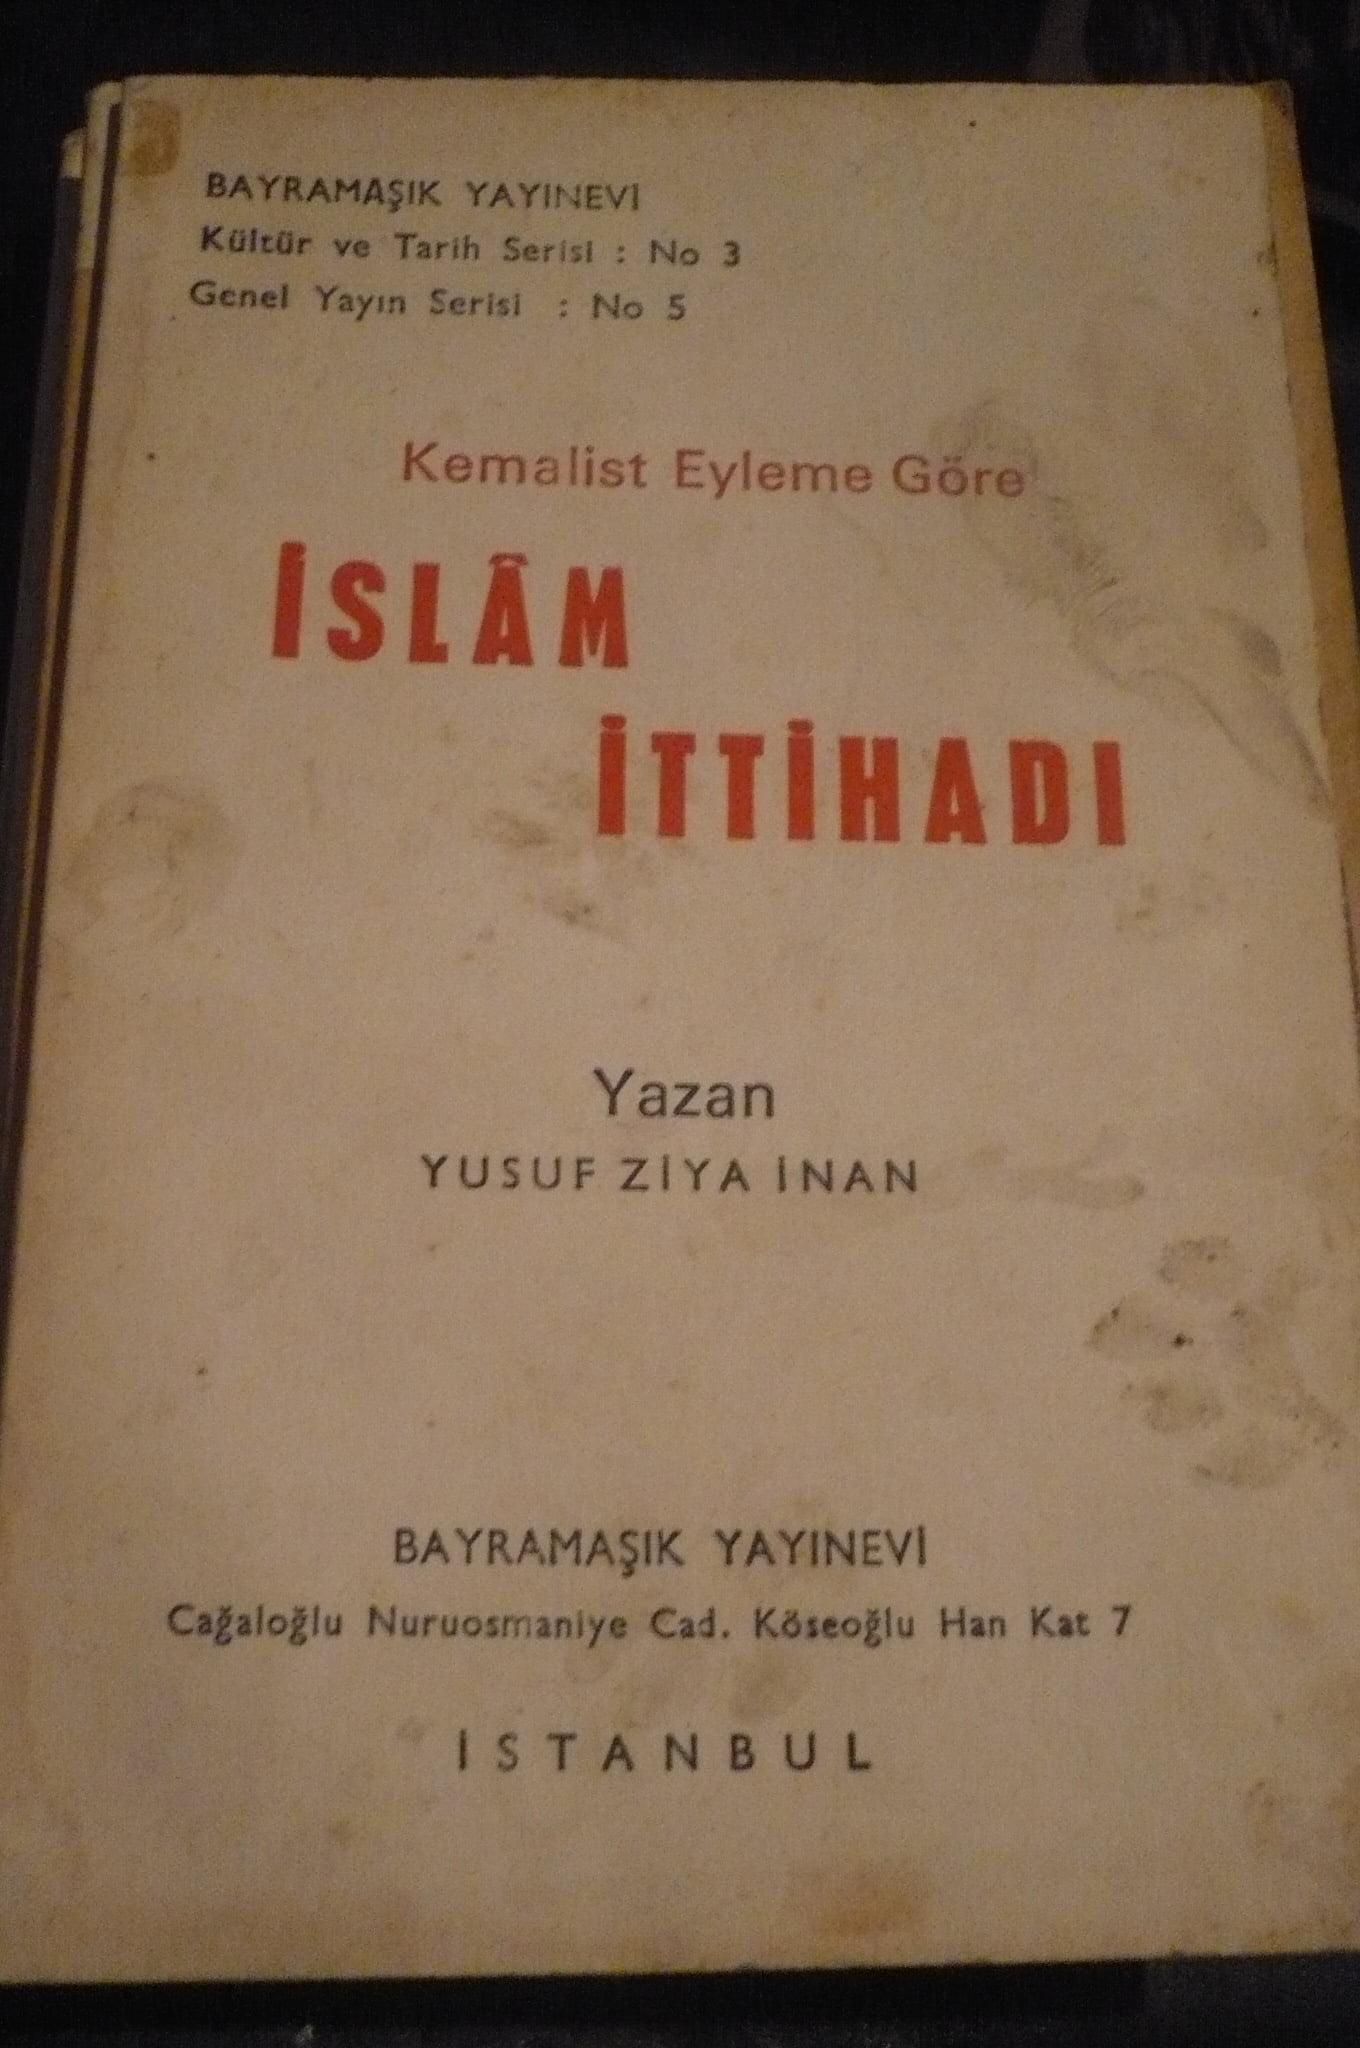 KEMALİST EYLEME GÖRE İSLAM İTTİHADI/Yusuf Ziya İNAN